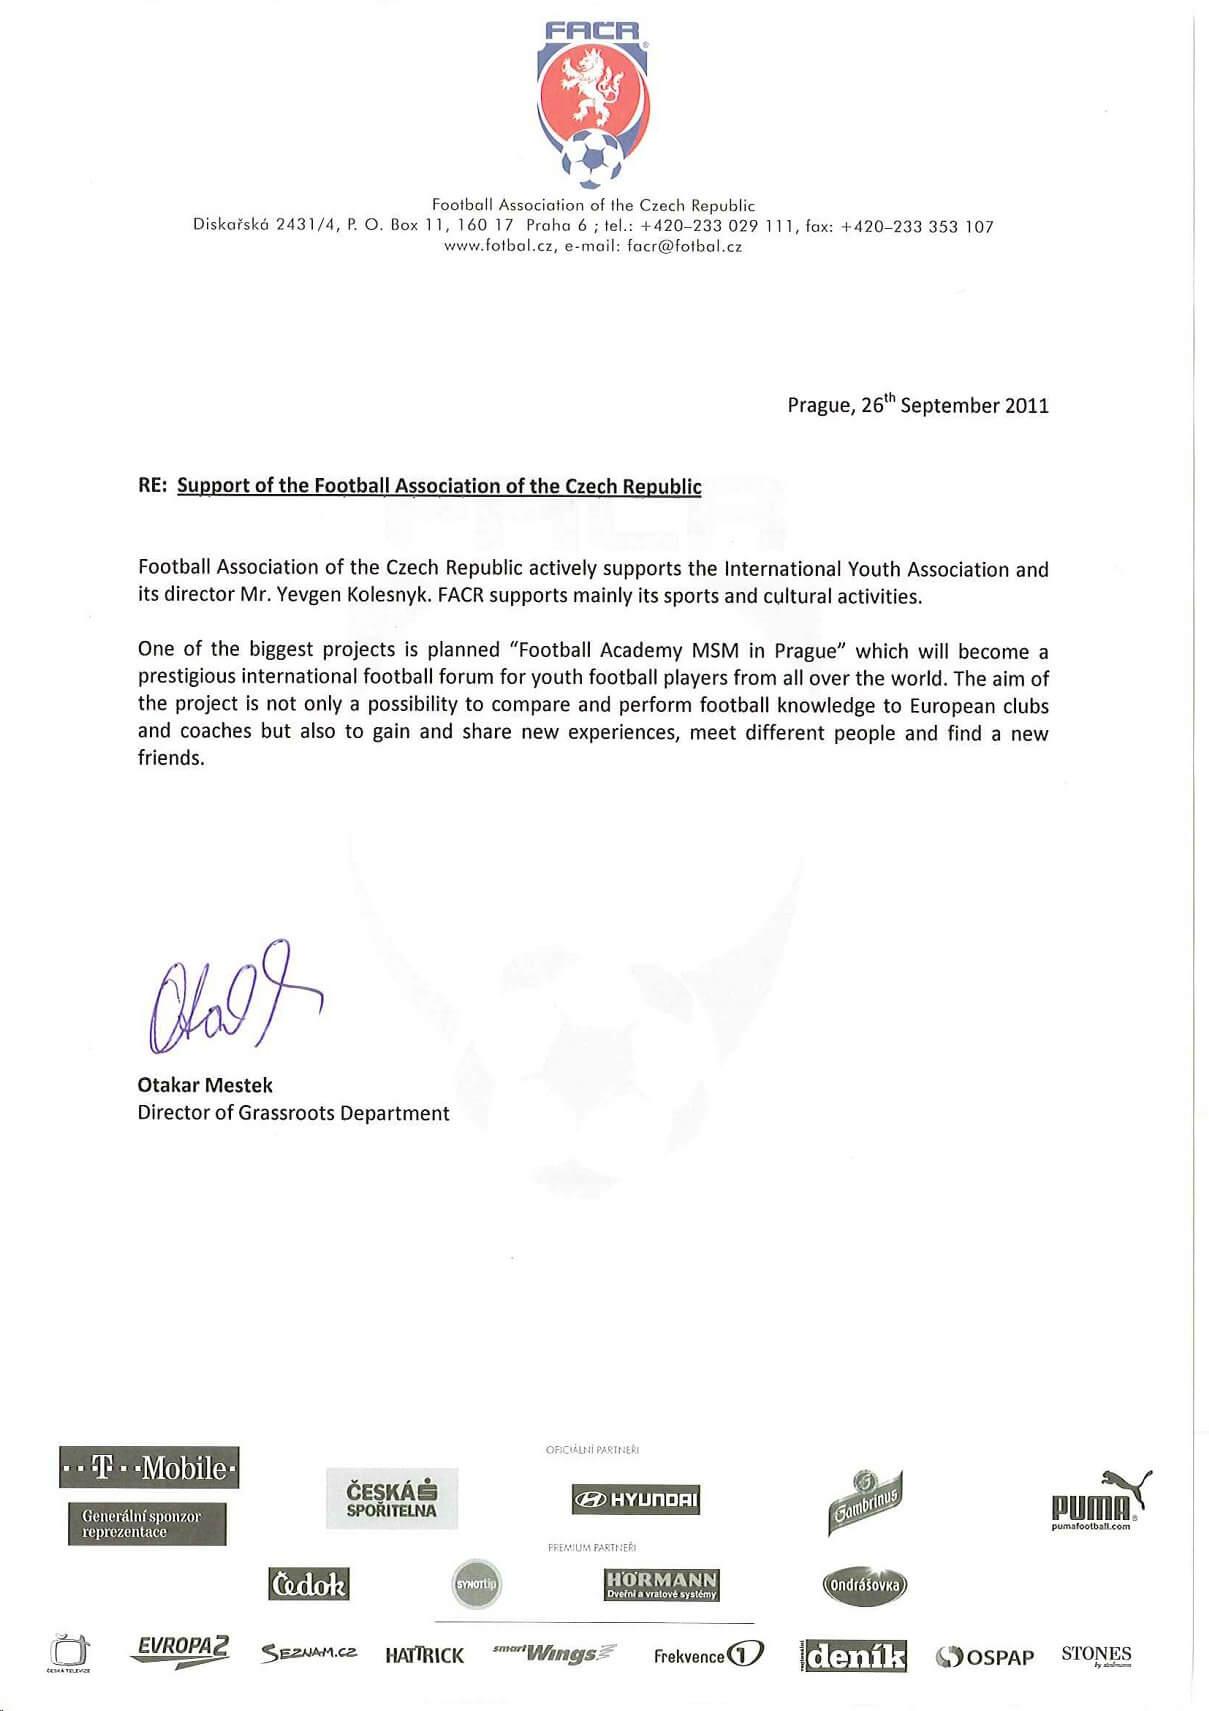 документ от футбольной ассоциации в Праге msmstudy